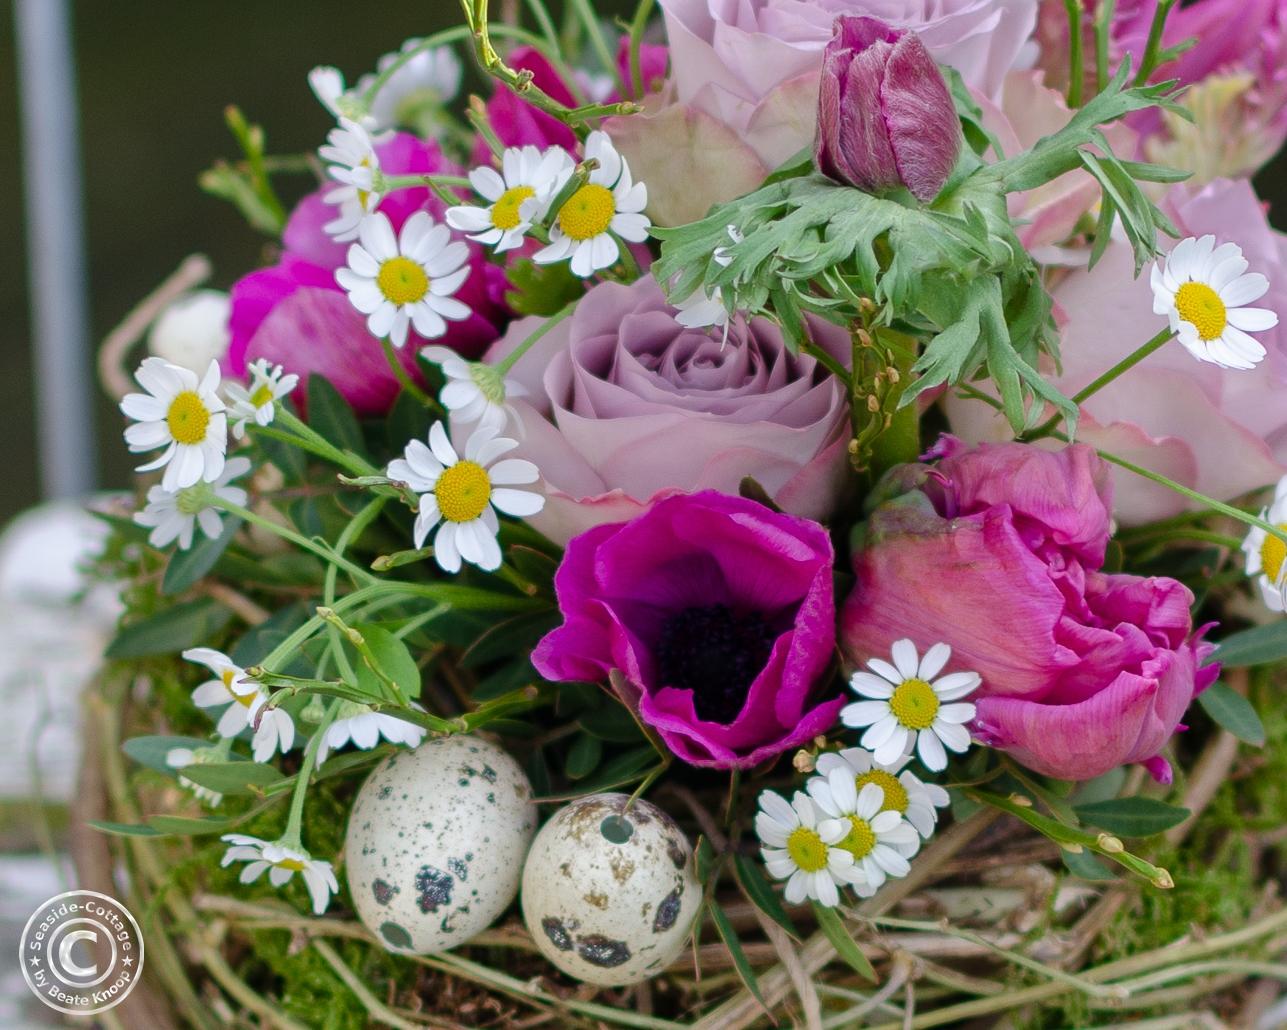 Nahaufname Frühlingsblumen in pink-rosda Tönen: Anemonen, Tulpen, Rosen, Edelkamille, Wachteleier